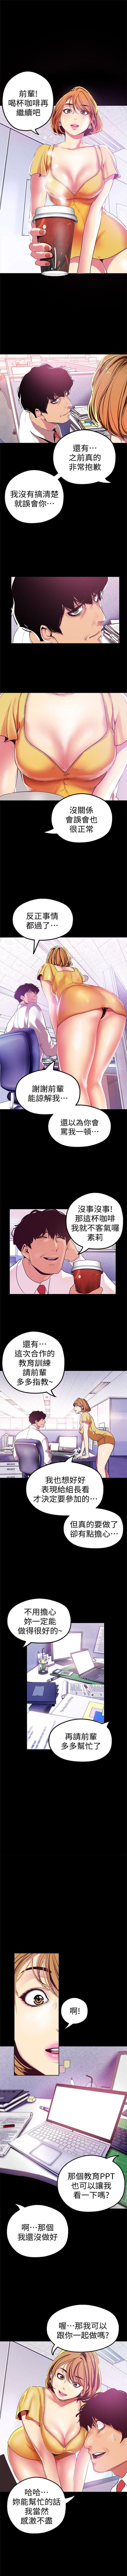 (週1)美麗新世界 1-70 中文翻譯 (更新中) 222